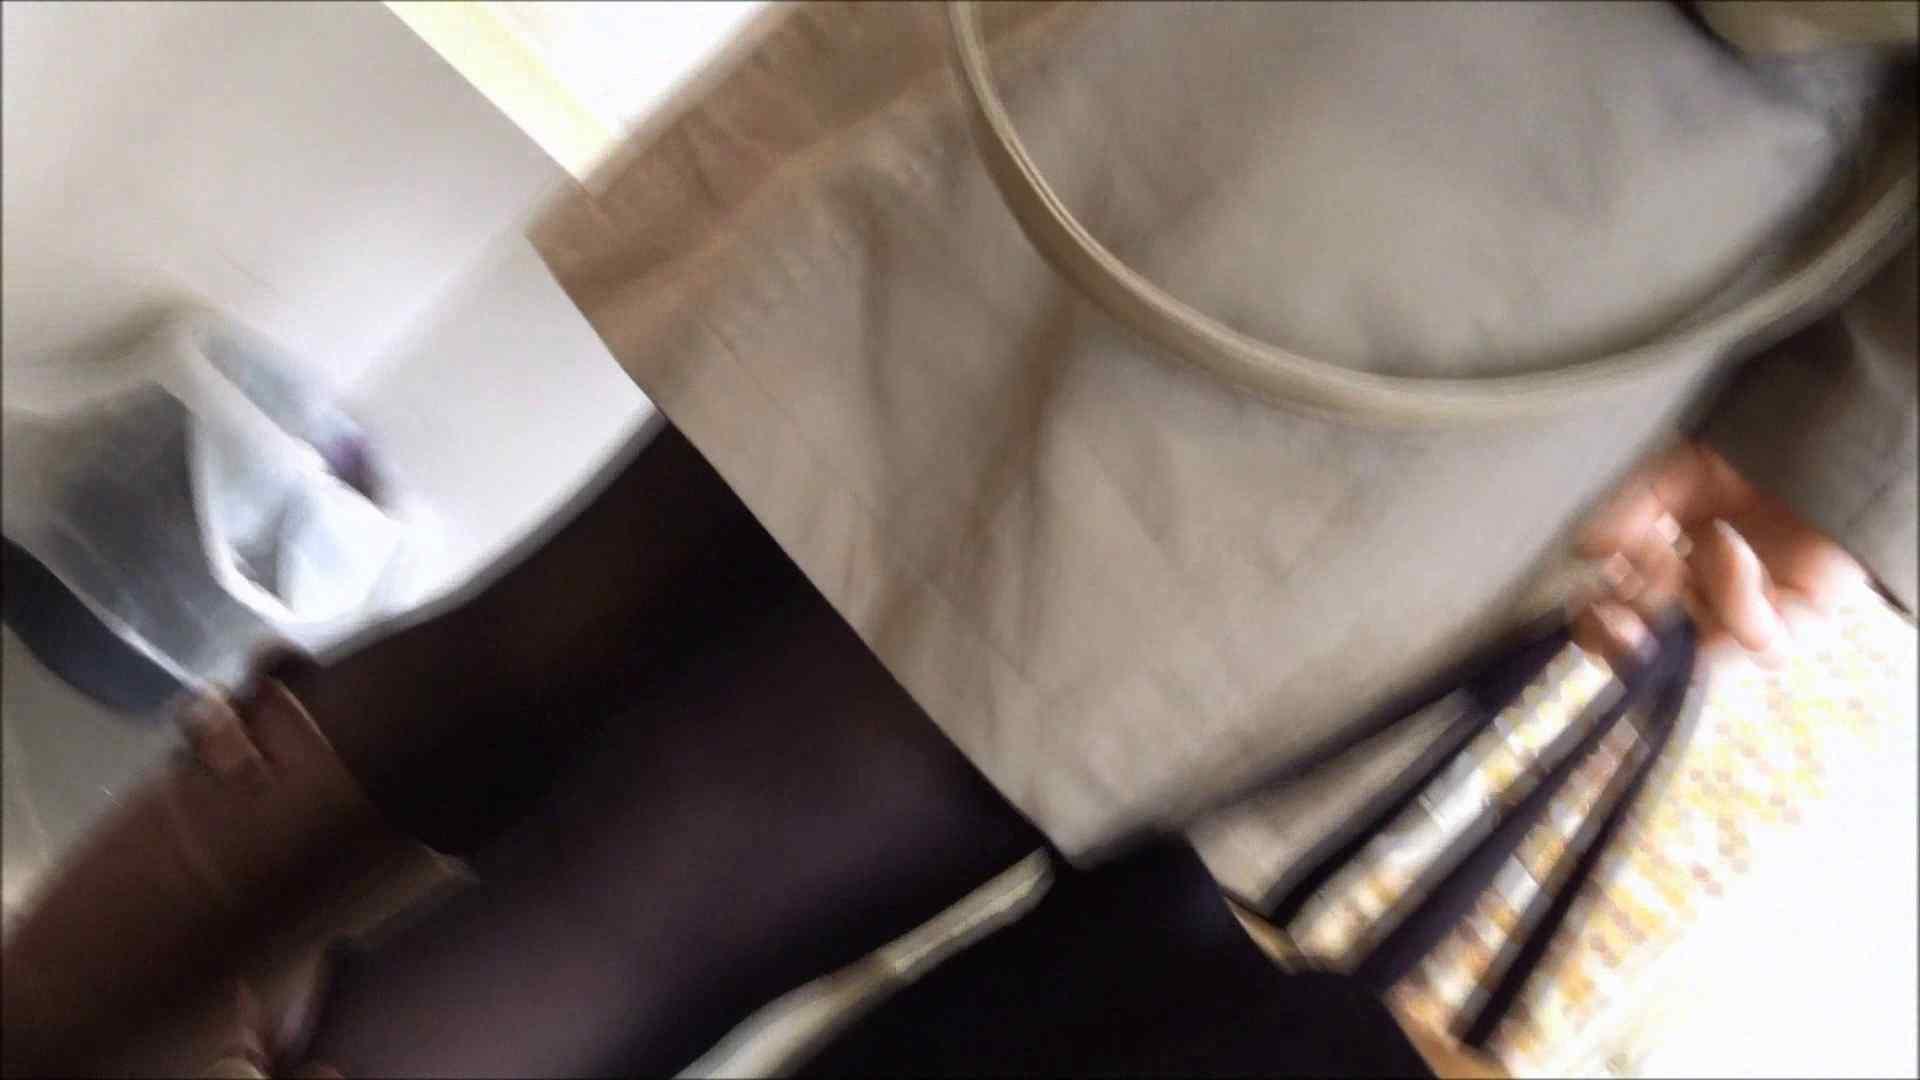 女子洗面所行列潜入記 Vol.01 美女達のヌード | 潜入エロ調査  32連発 12